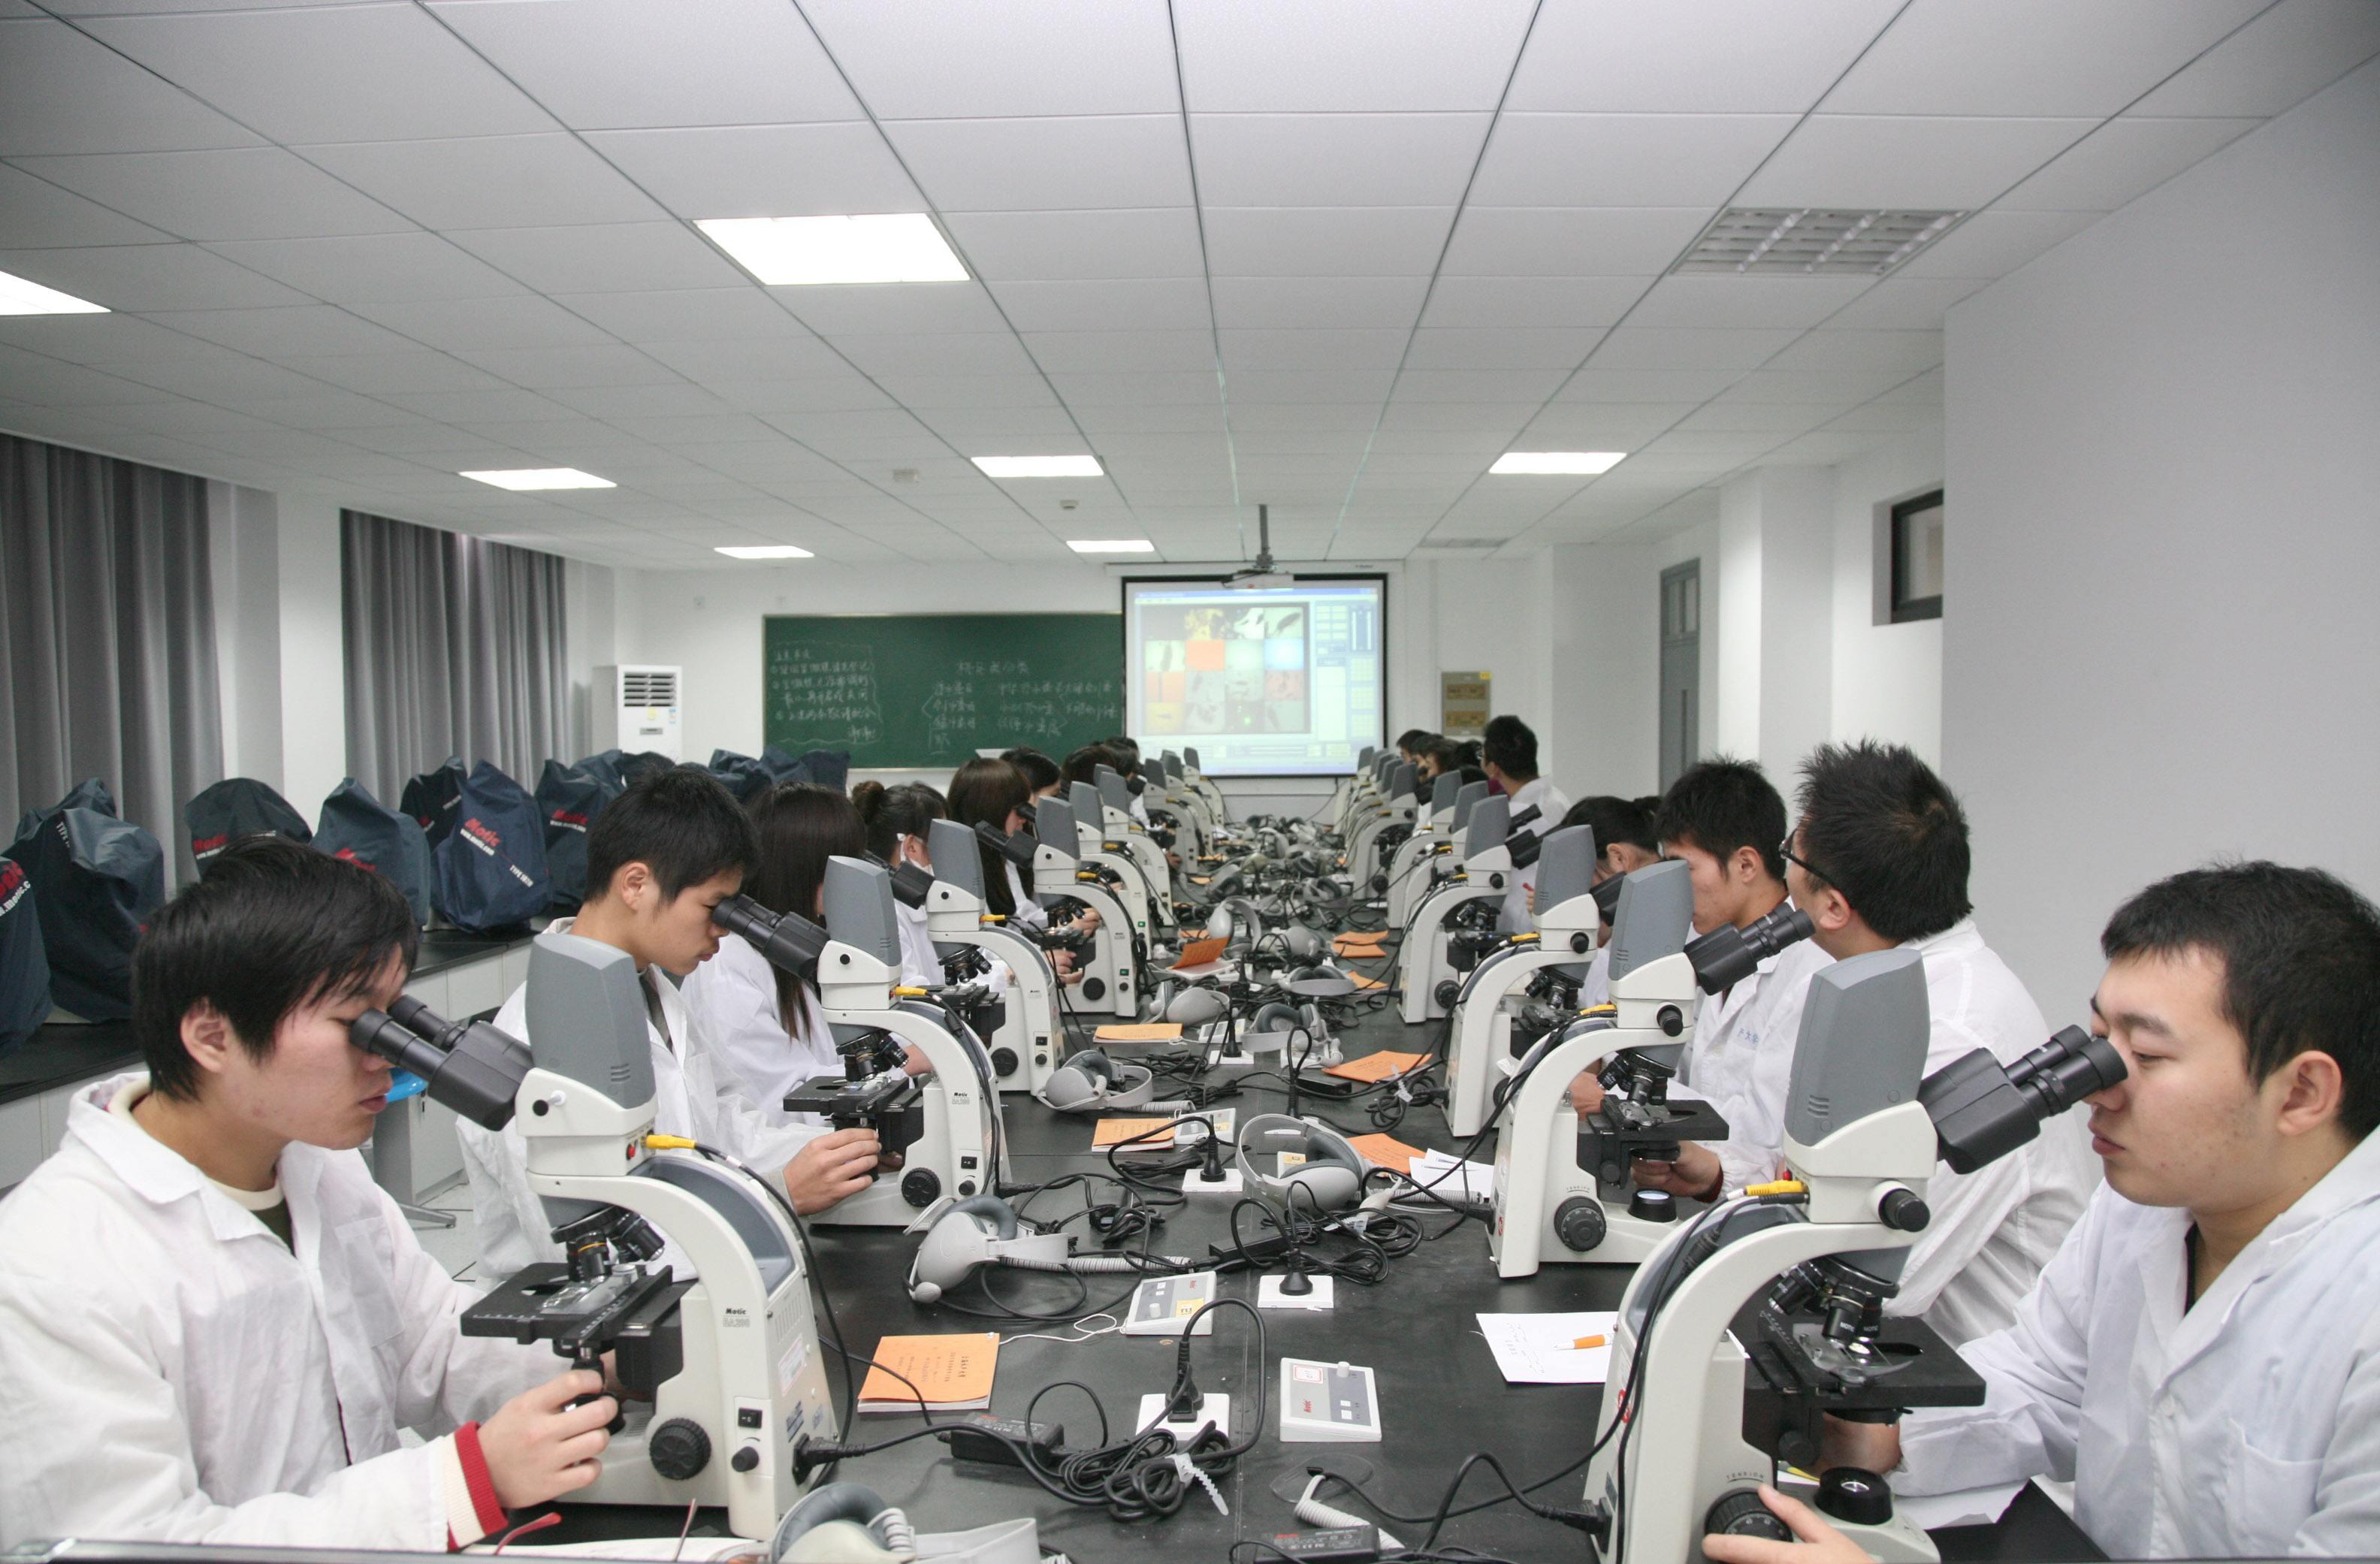 教学实验室装修